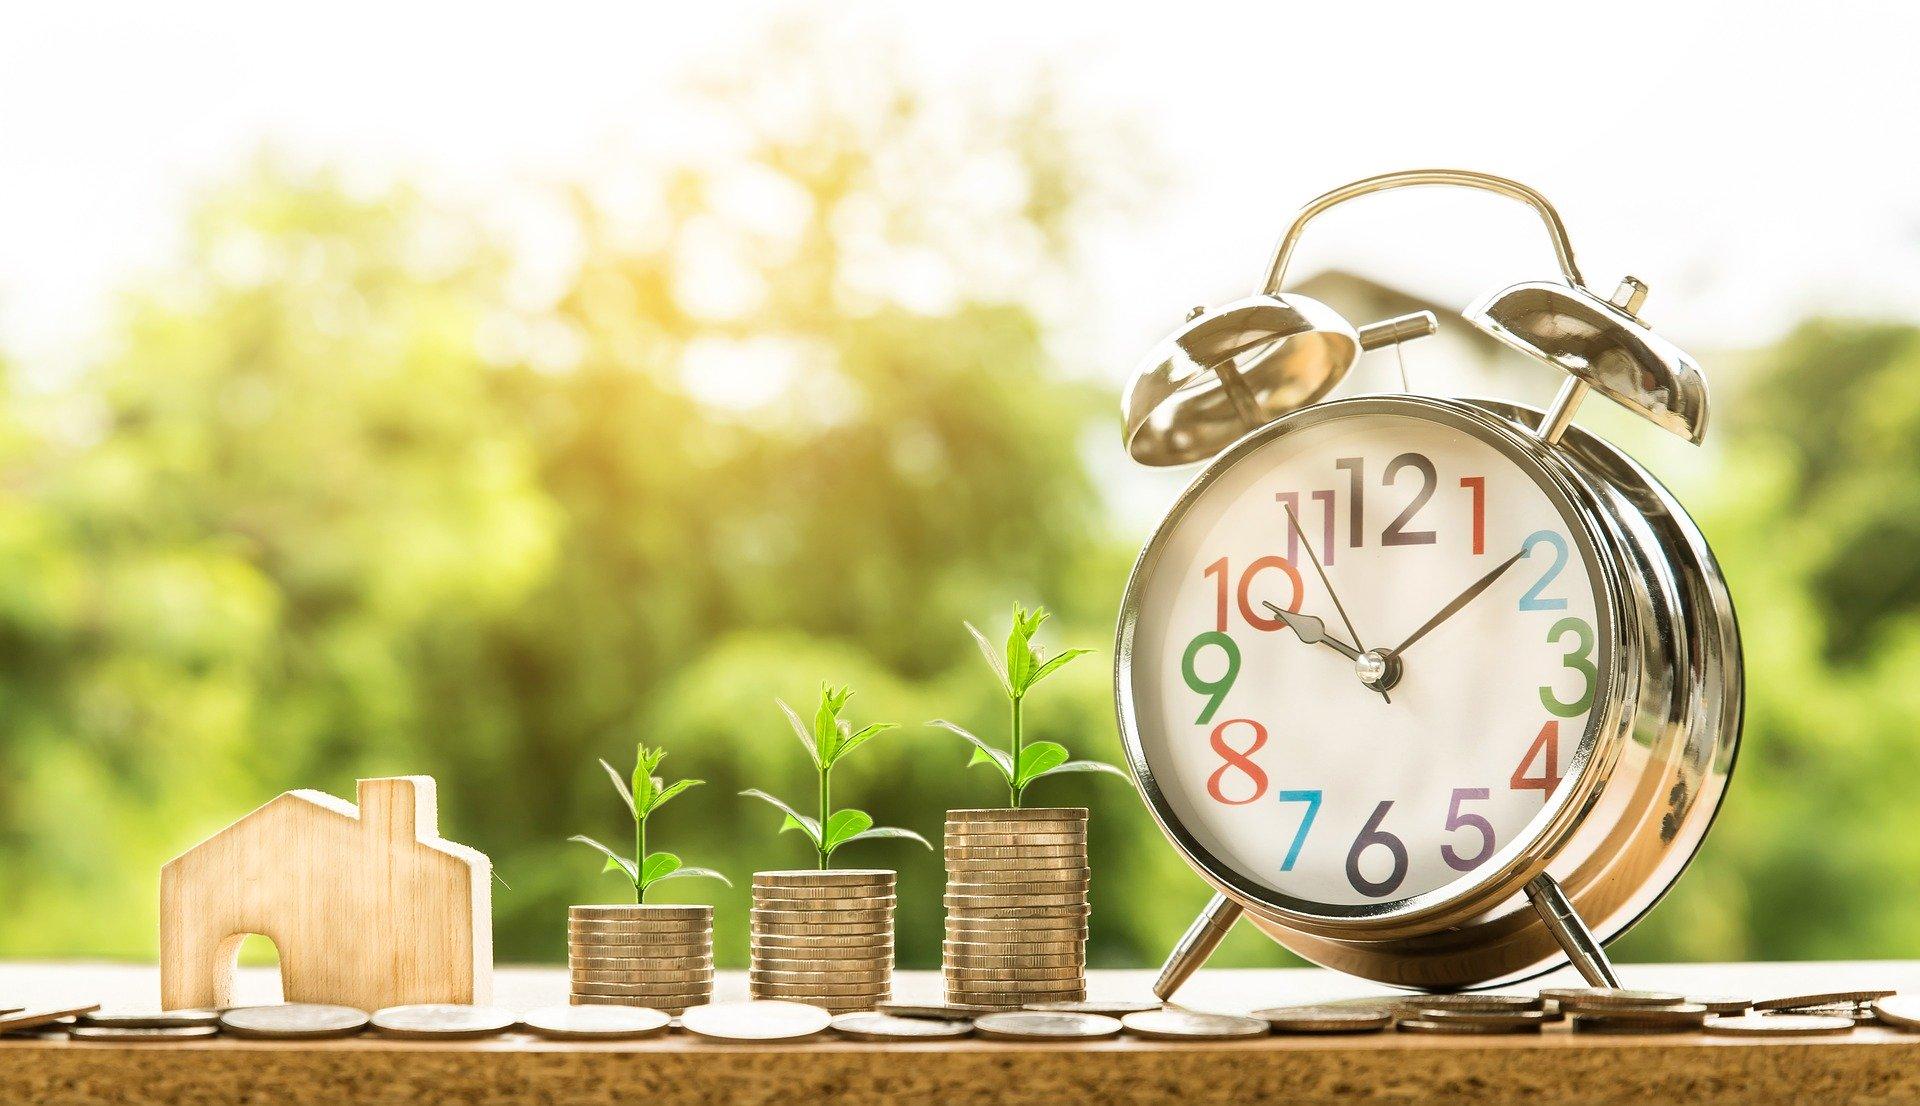 Инвестиции в недвижимость — метод сохранения и приумножения капитала.